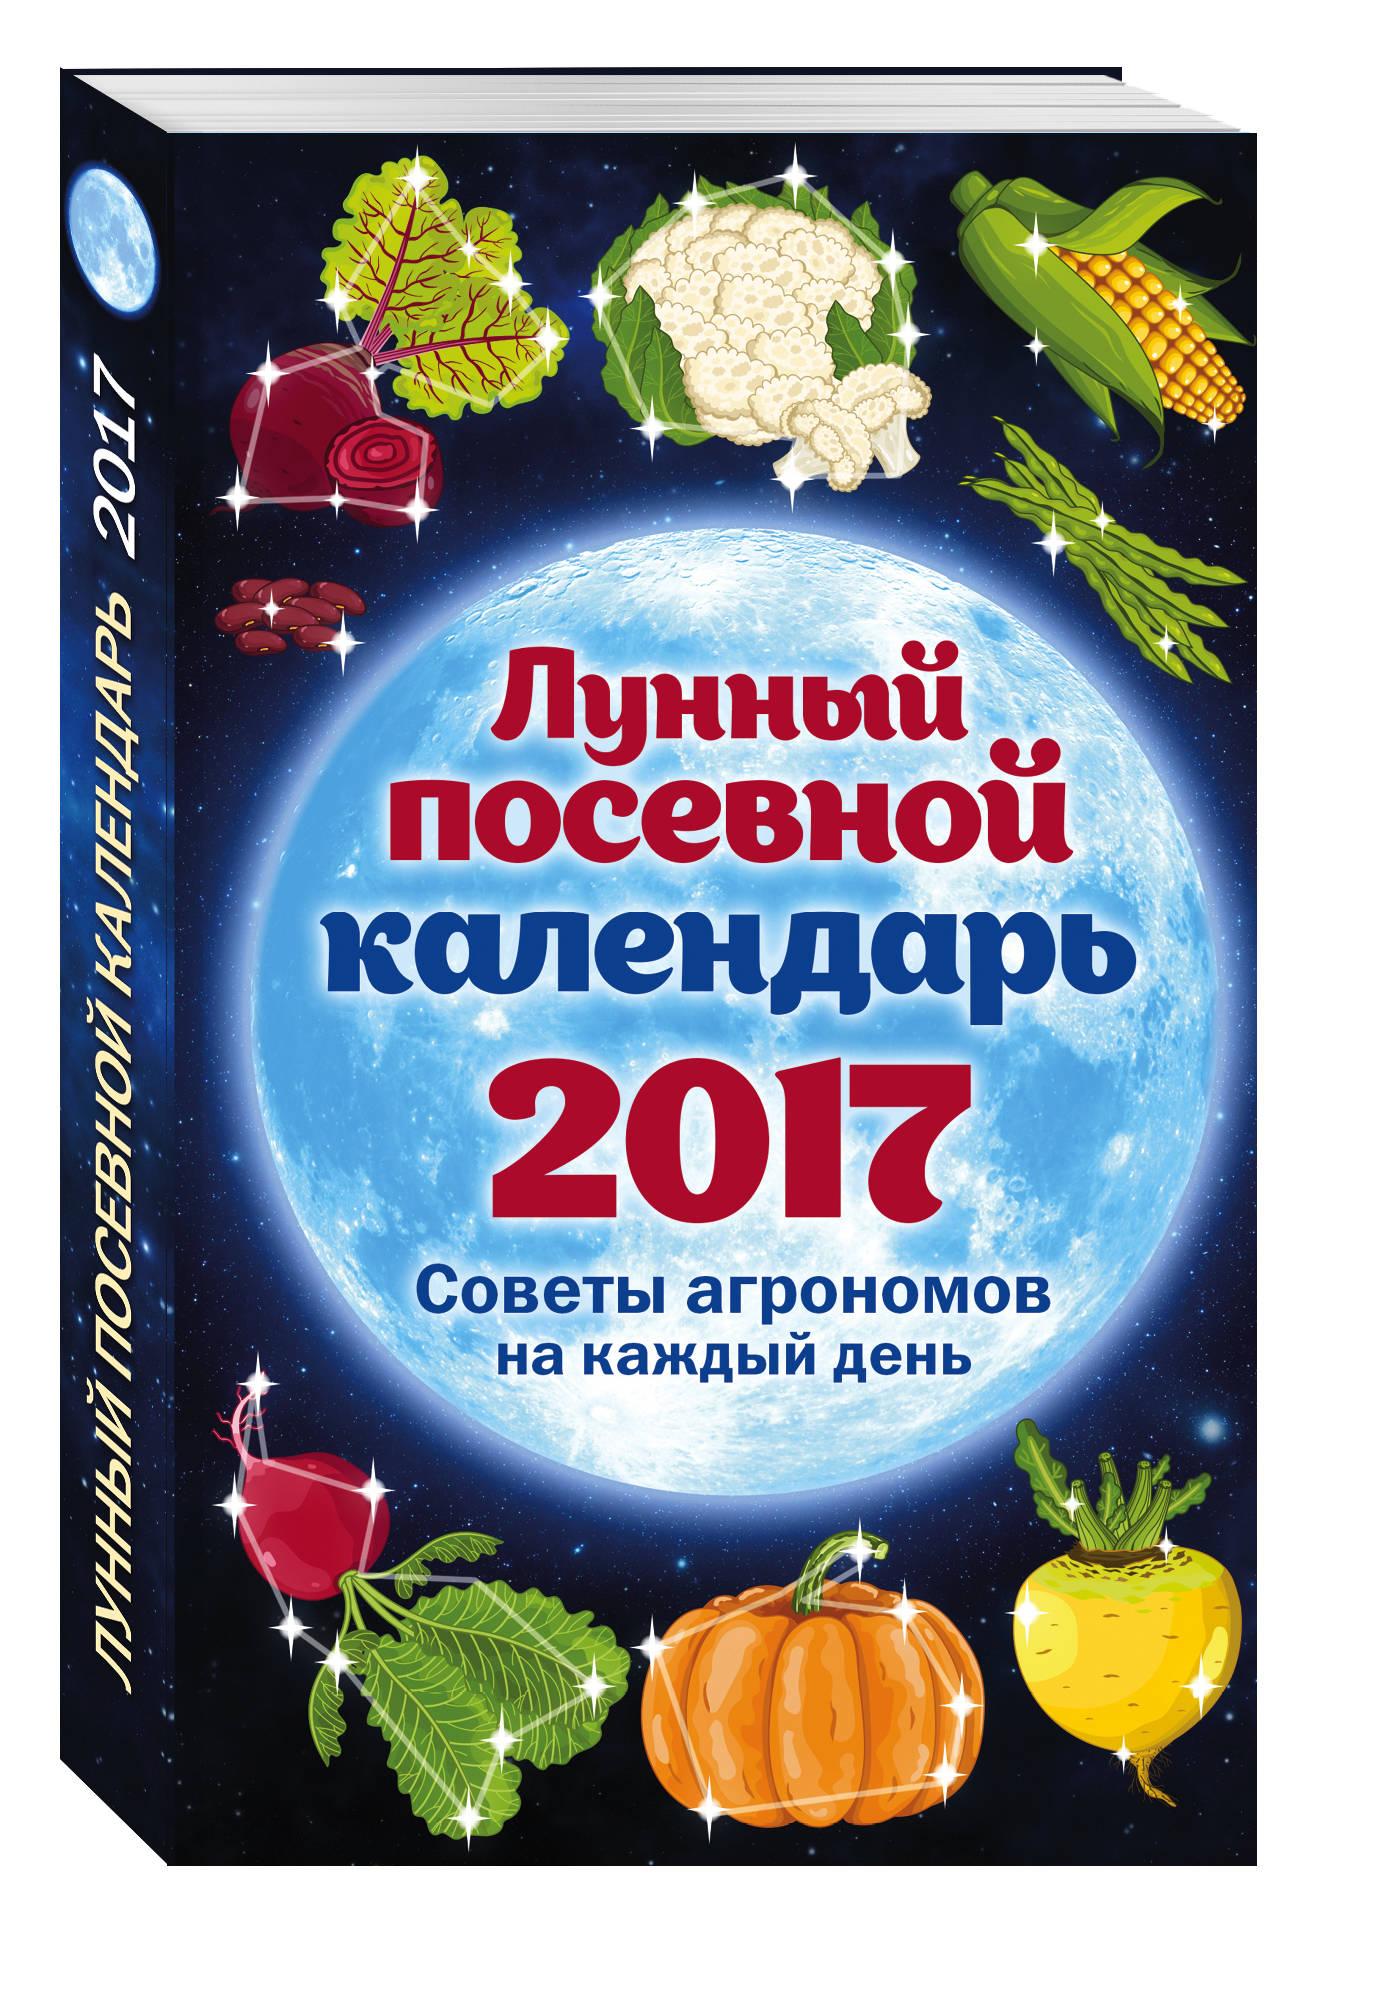 Лунный посевной календарь 2017 какие лучше межкомнатные двери